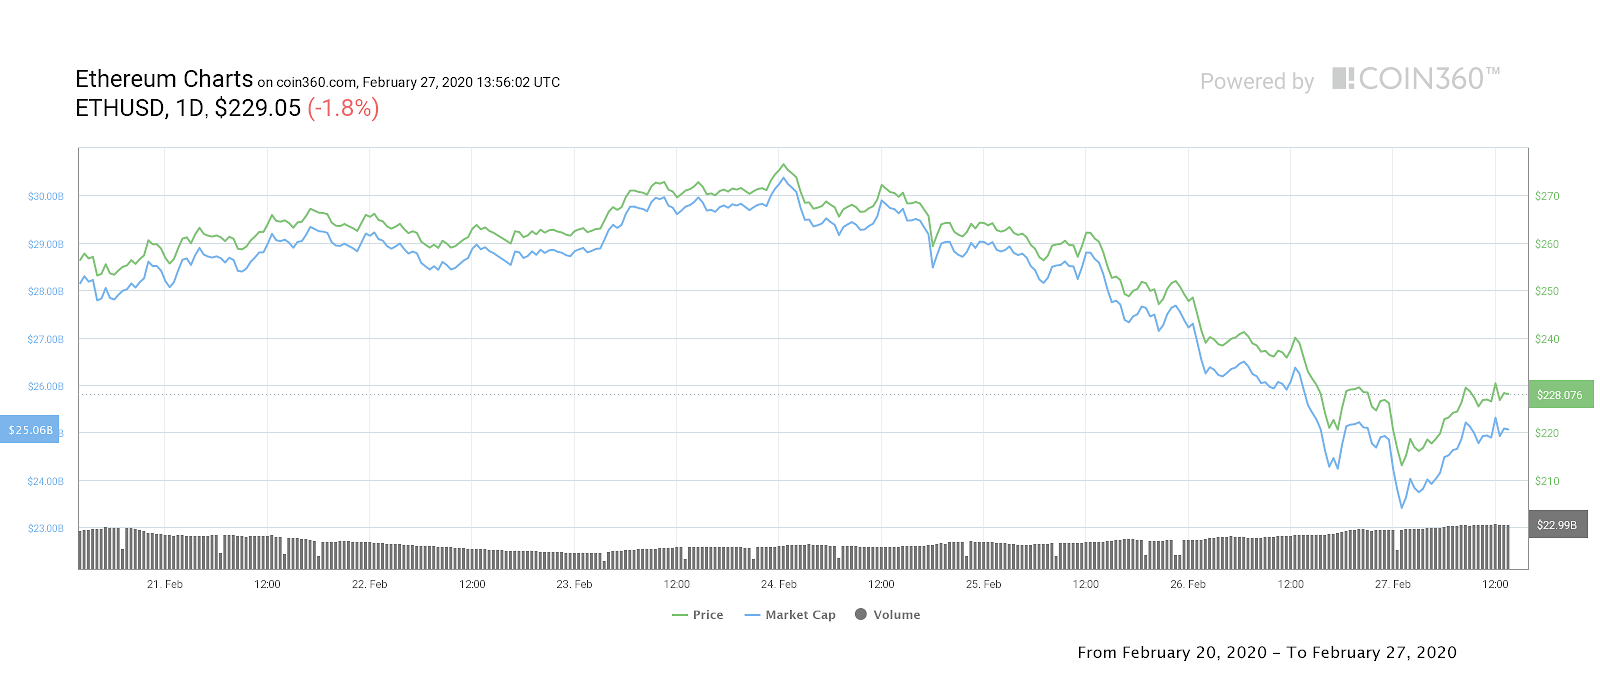 Gráfico de precios de 7 días de Ether. Fuente: Coin360